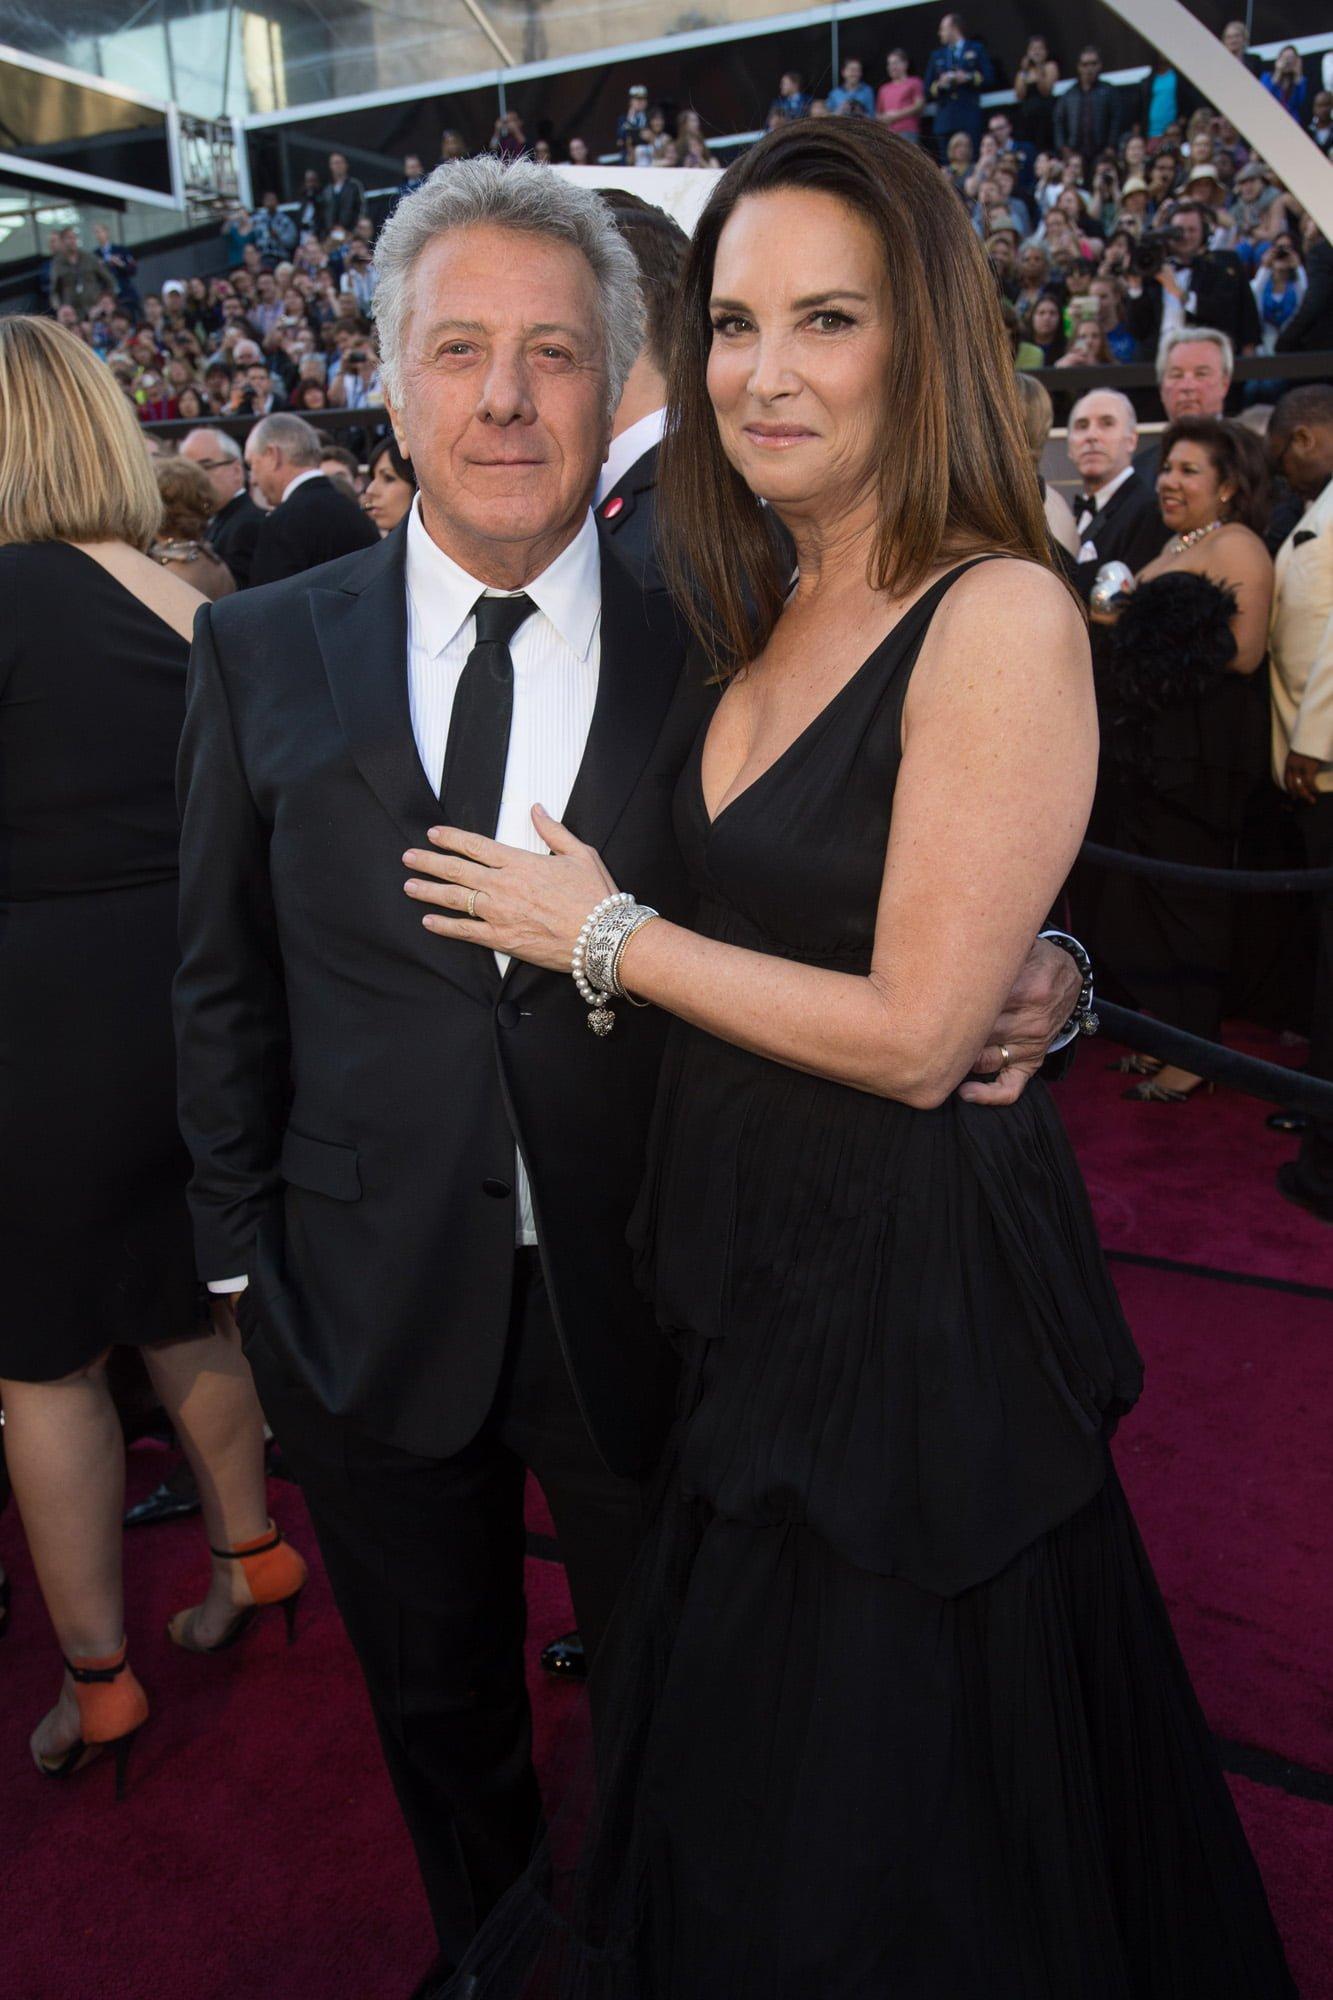 Dustin Hoffman & Lisa Hoffman